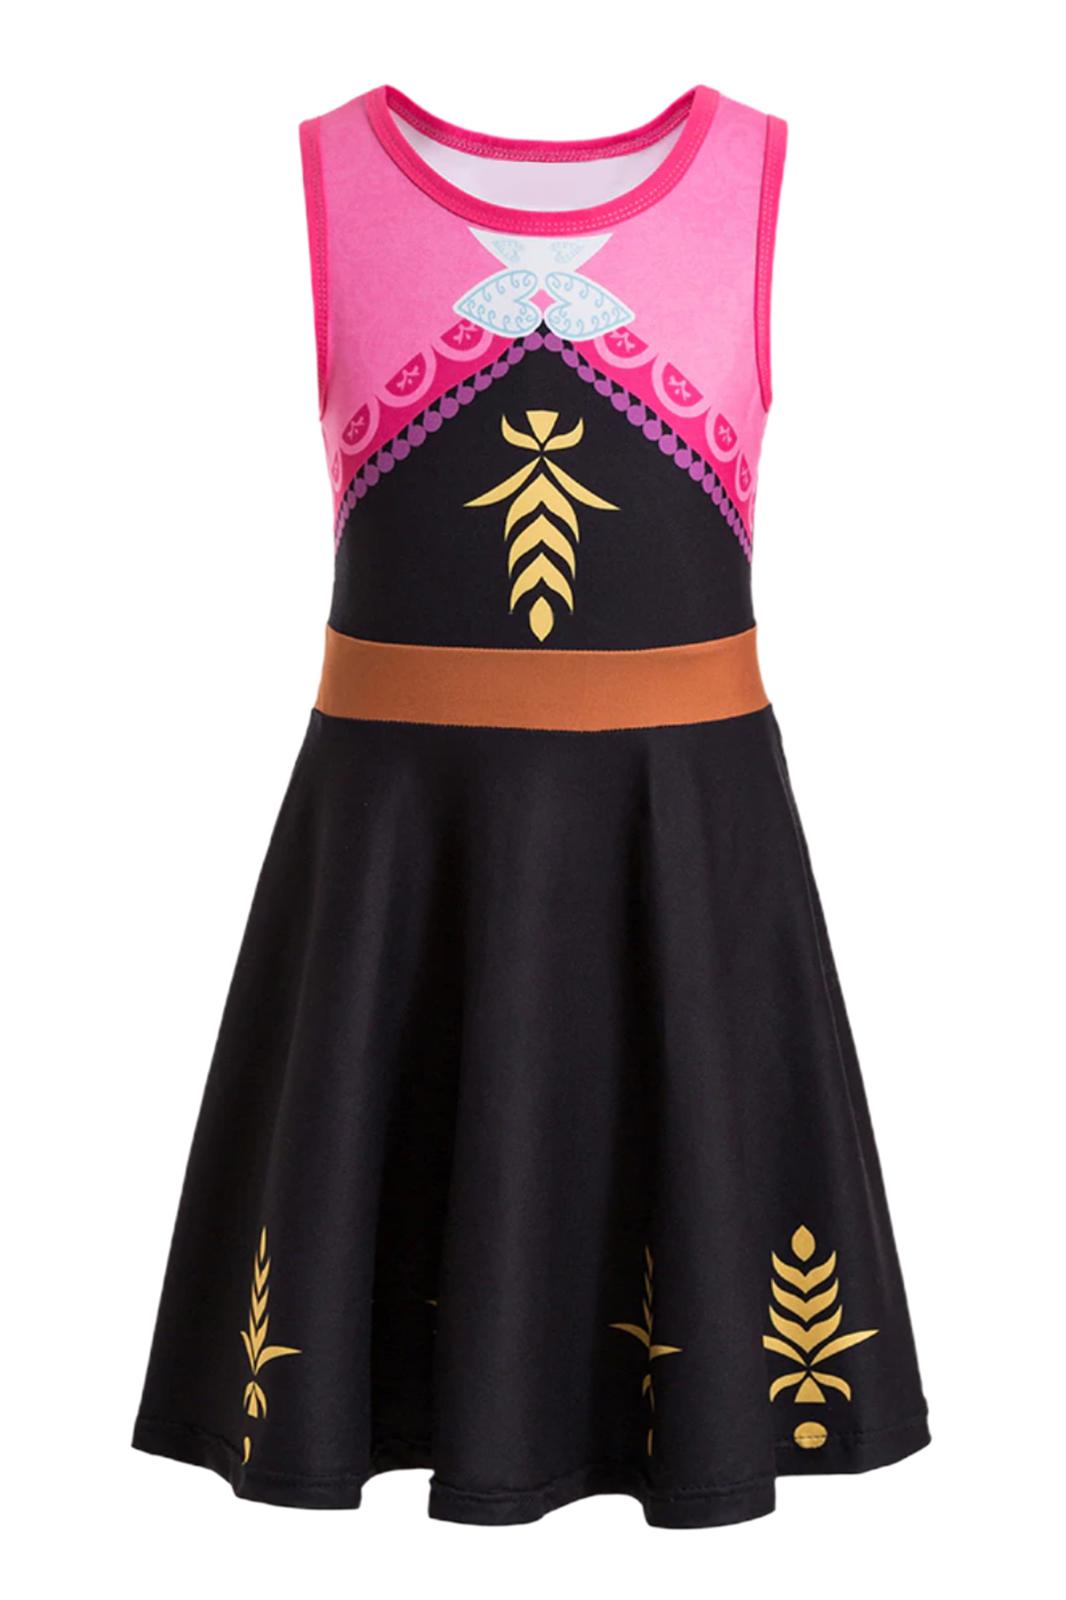 Play Little Pretends Scandinavian Princess Anna Dress Costume